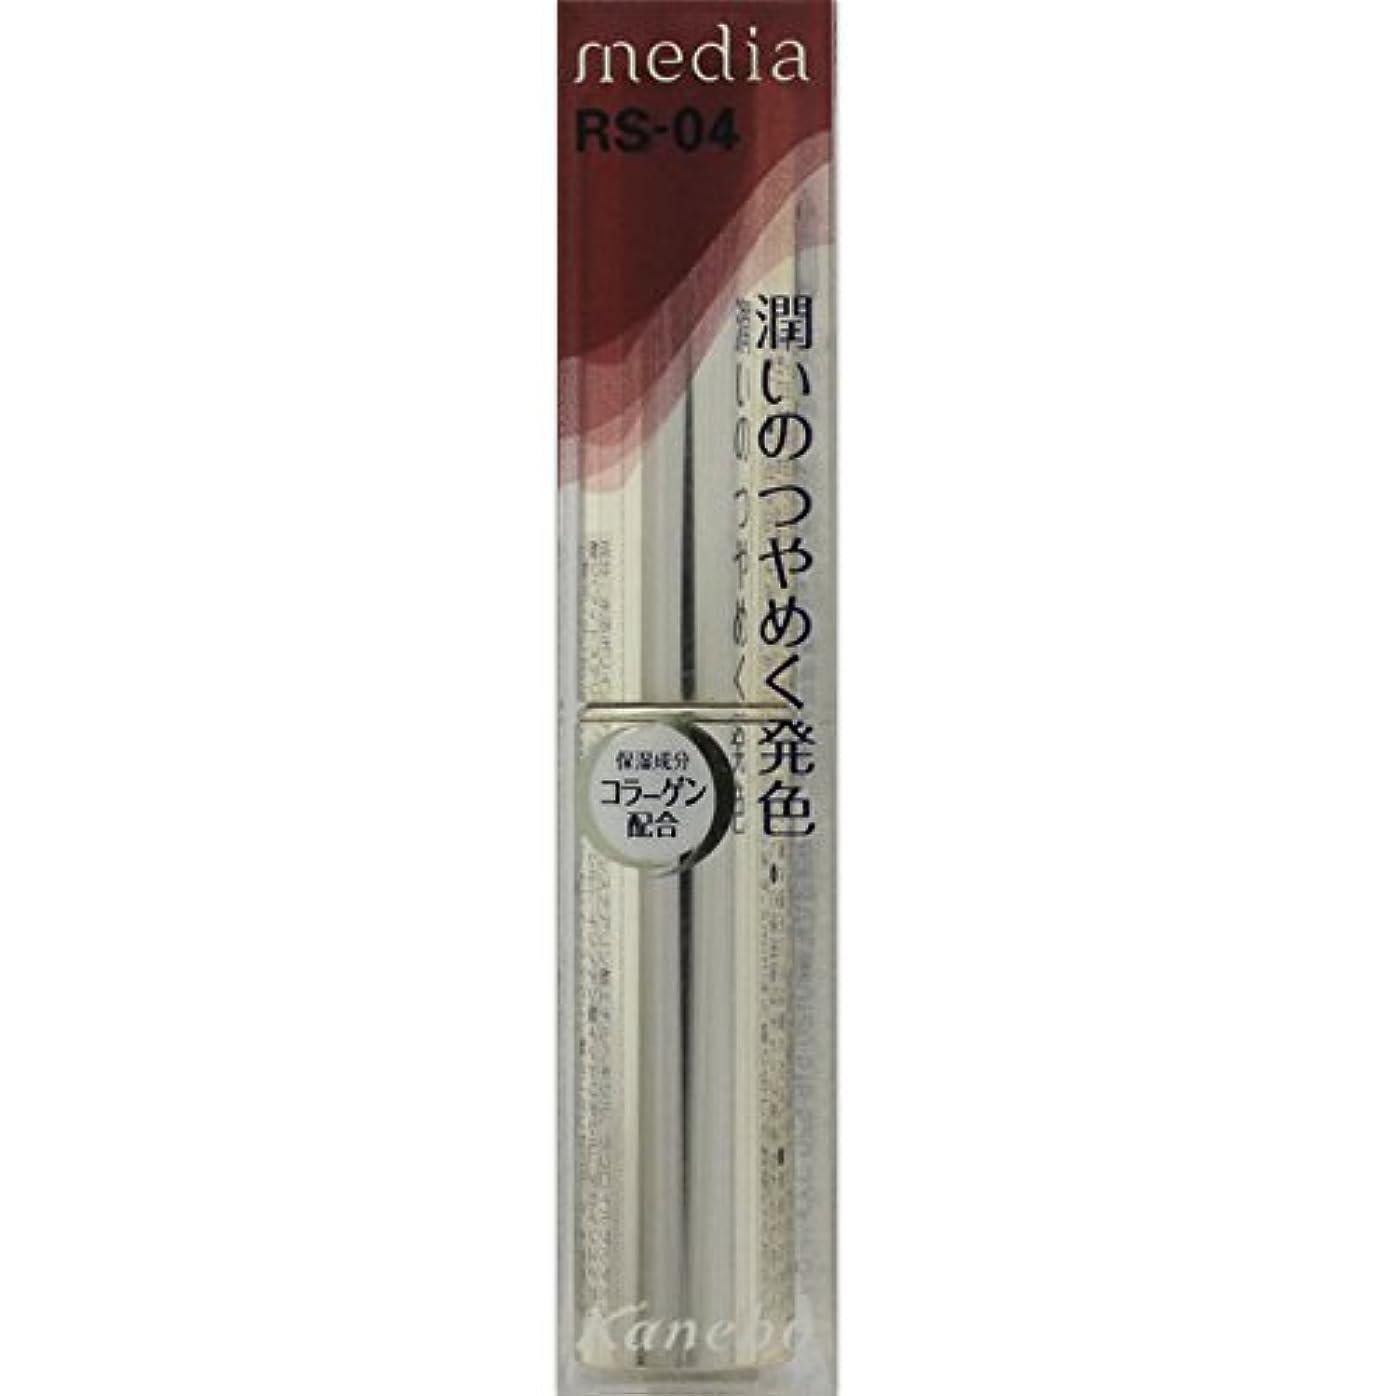 表現どこか夜明けカネボウ メディア(media)シャイニーエッセンスリップA カラー:RS-04